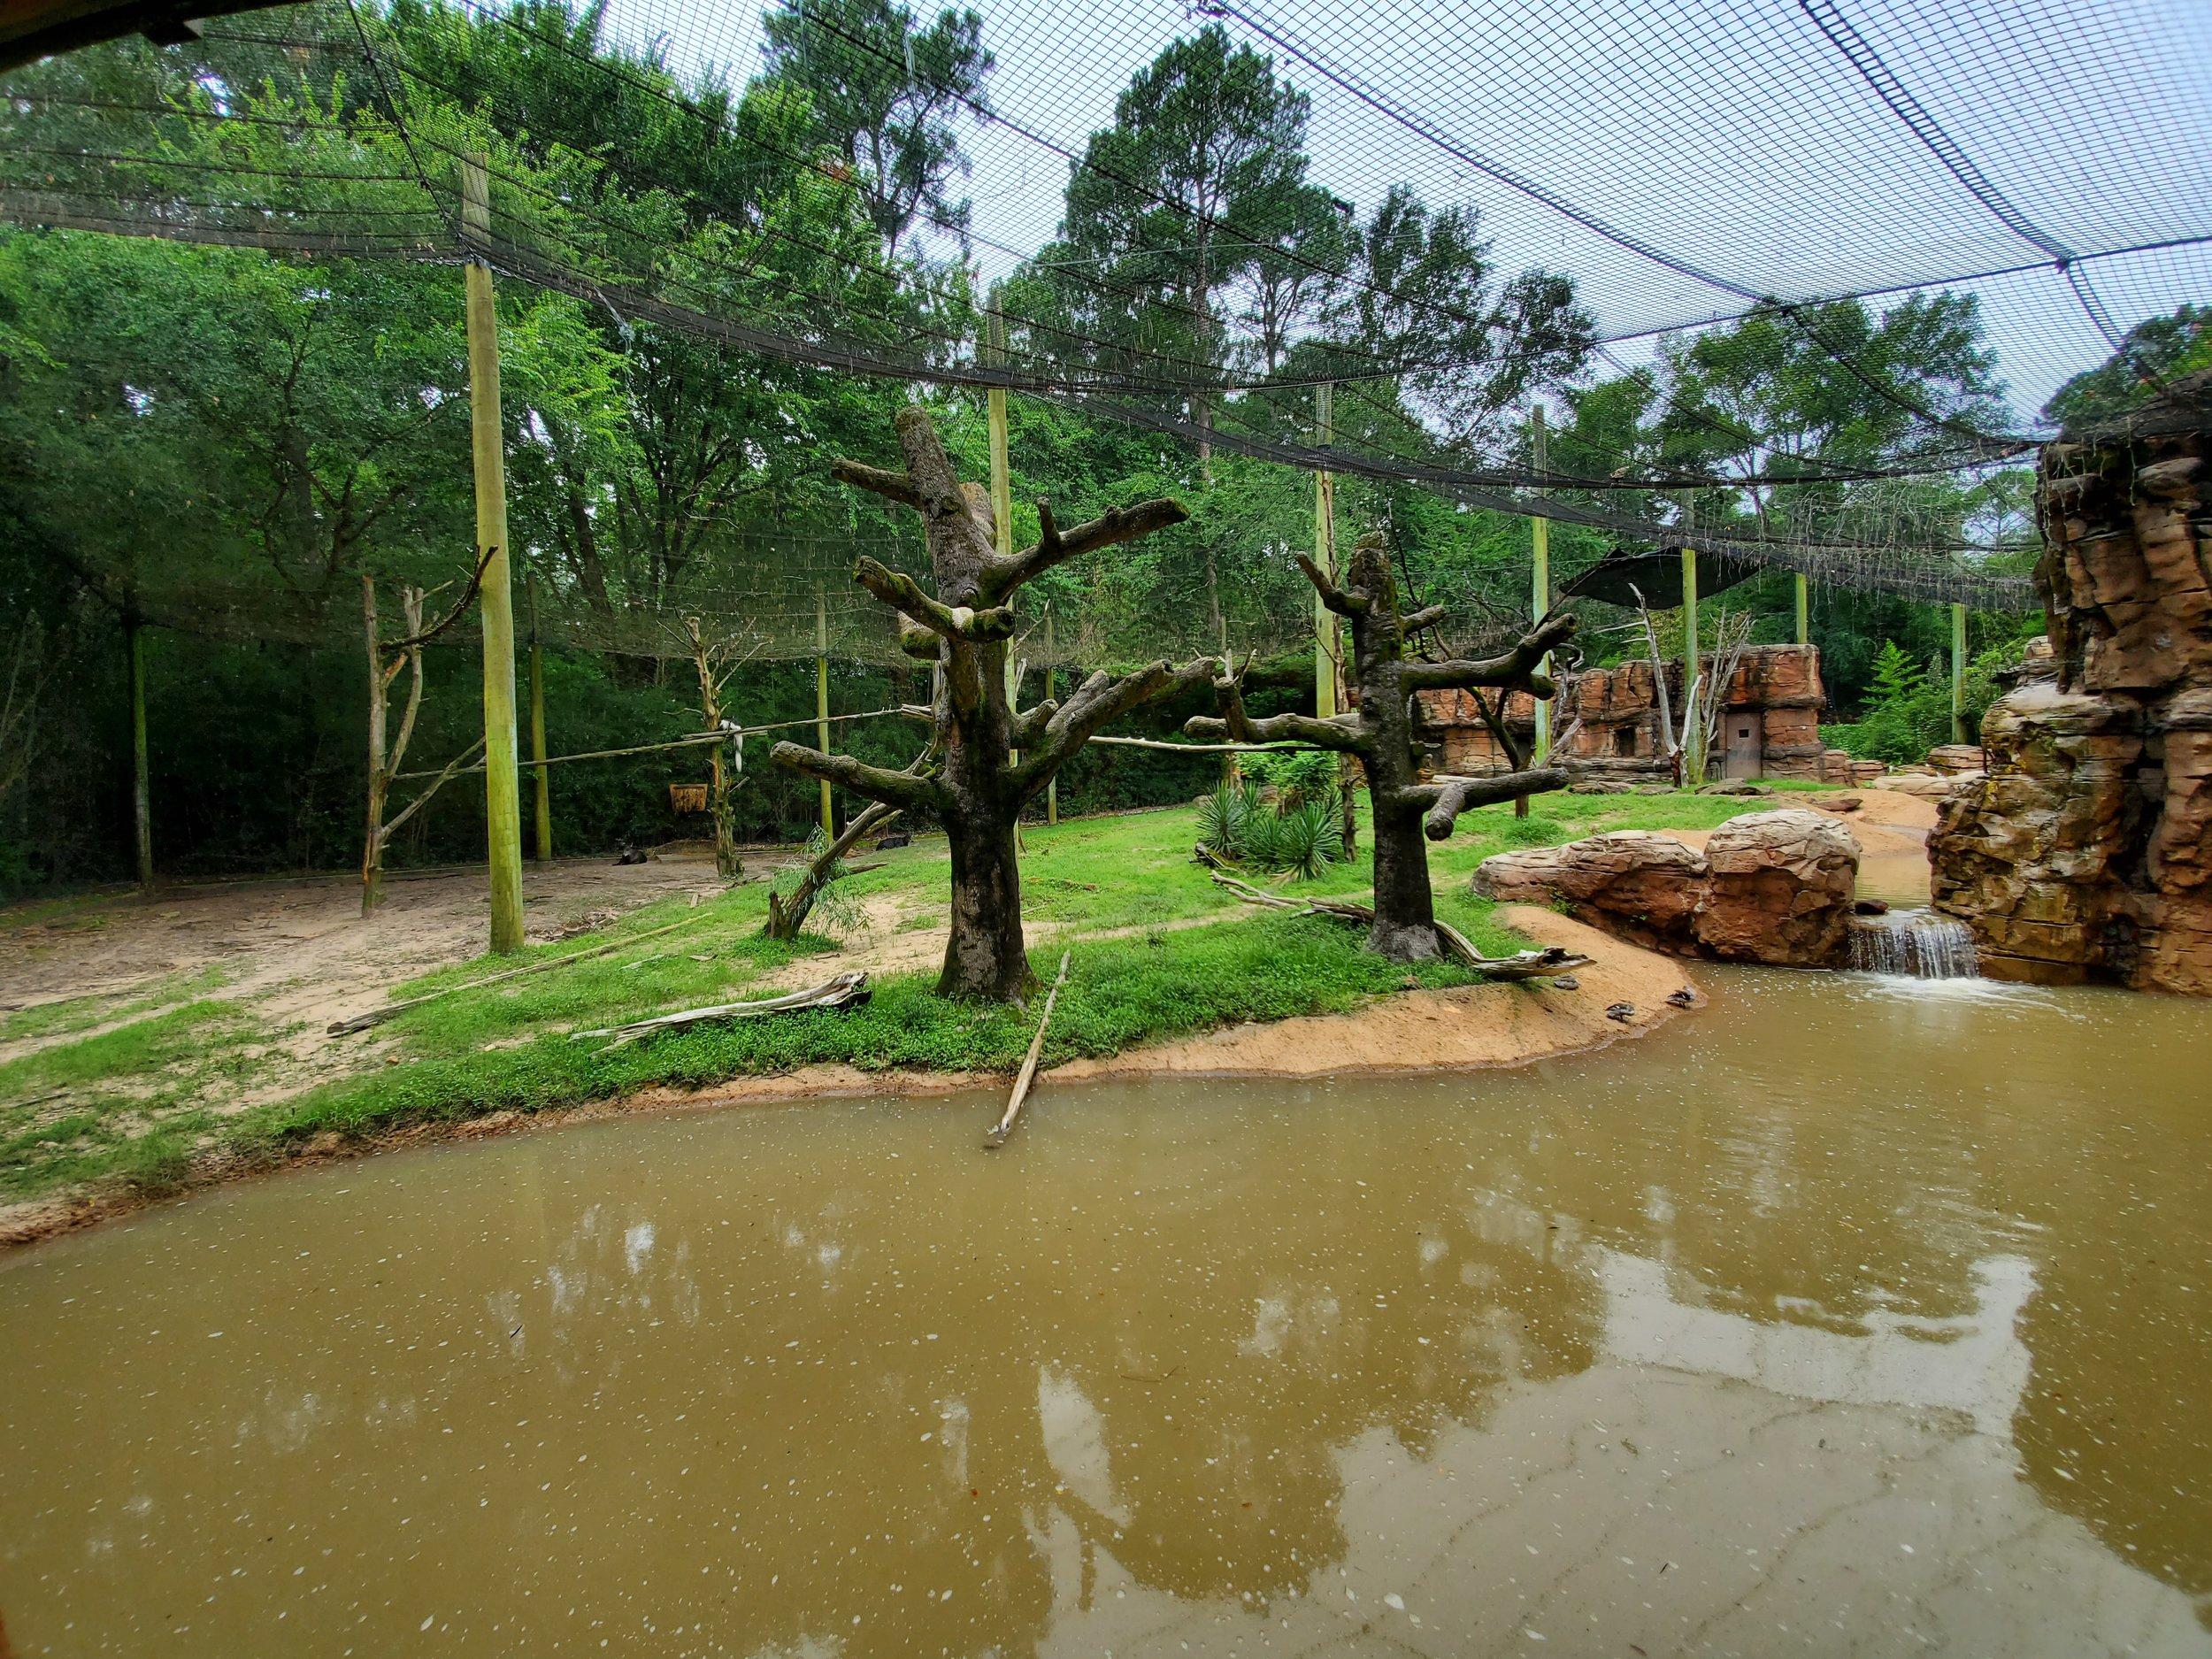 Huge mixed species colobus